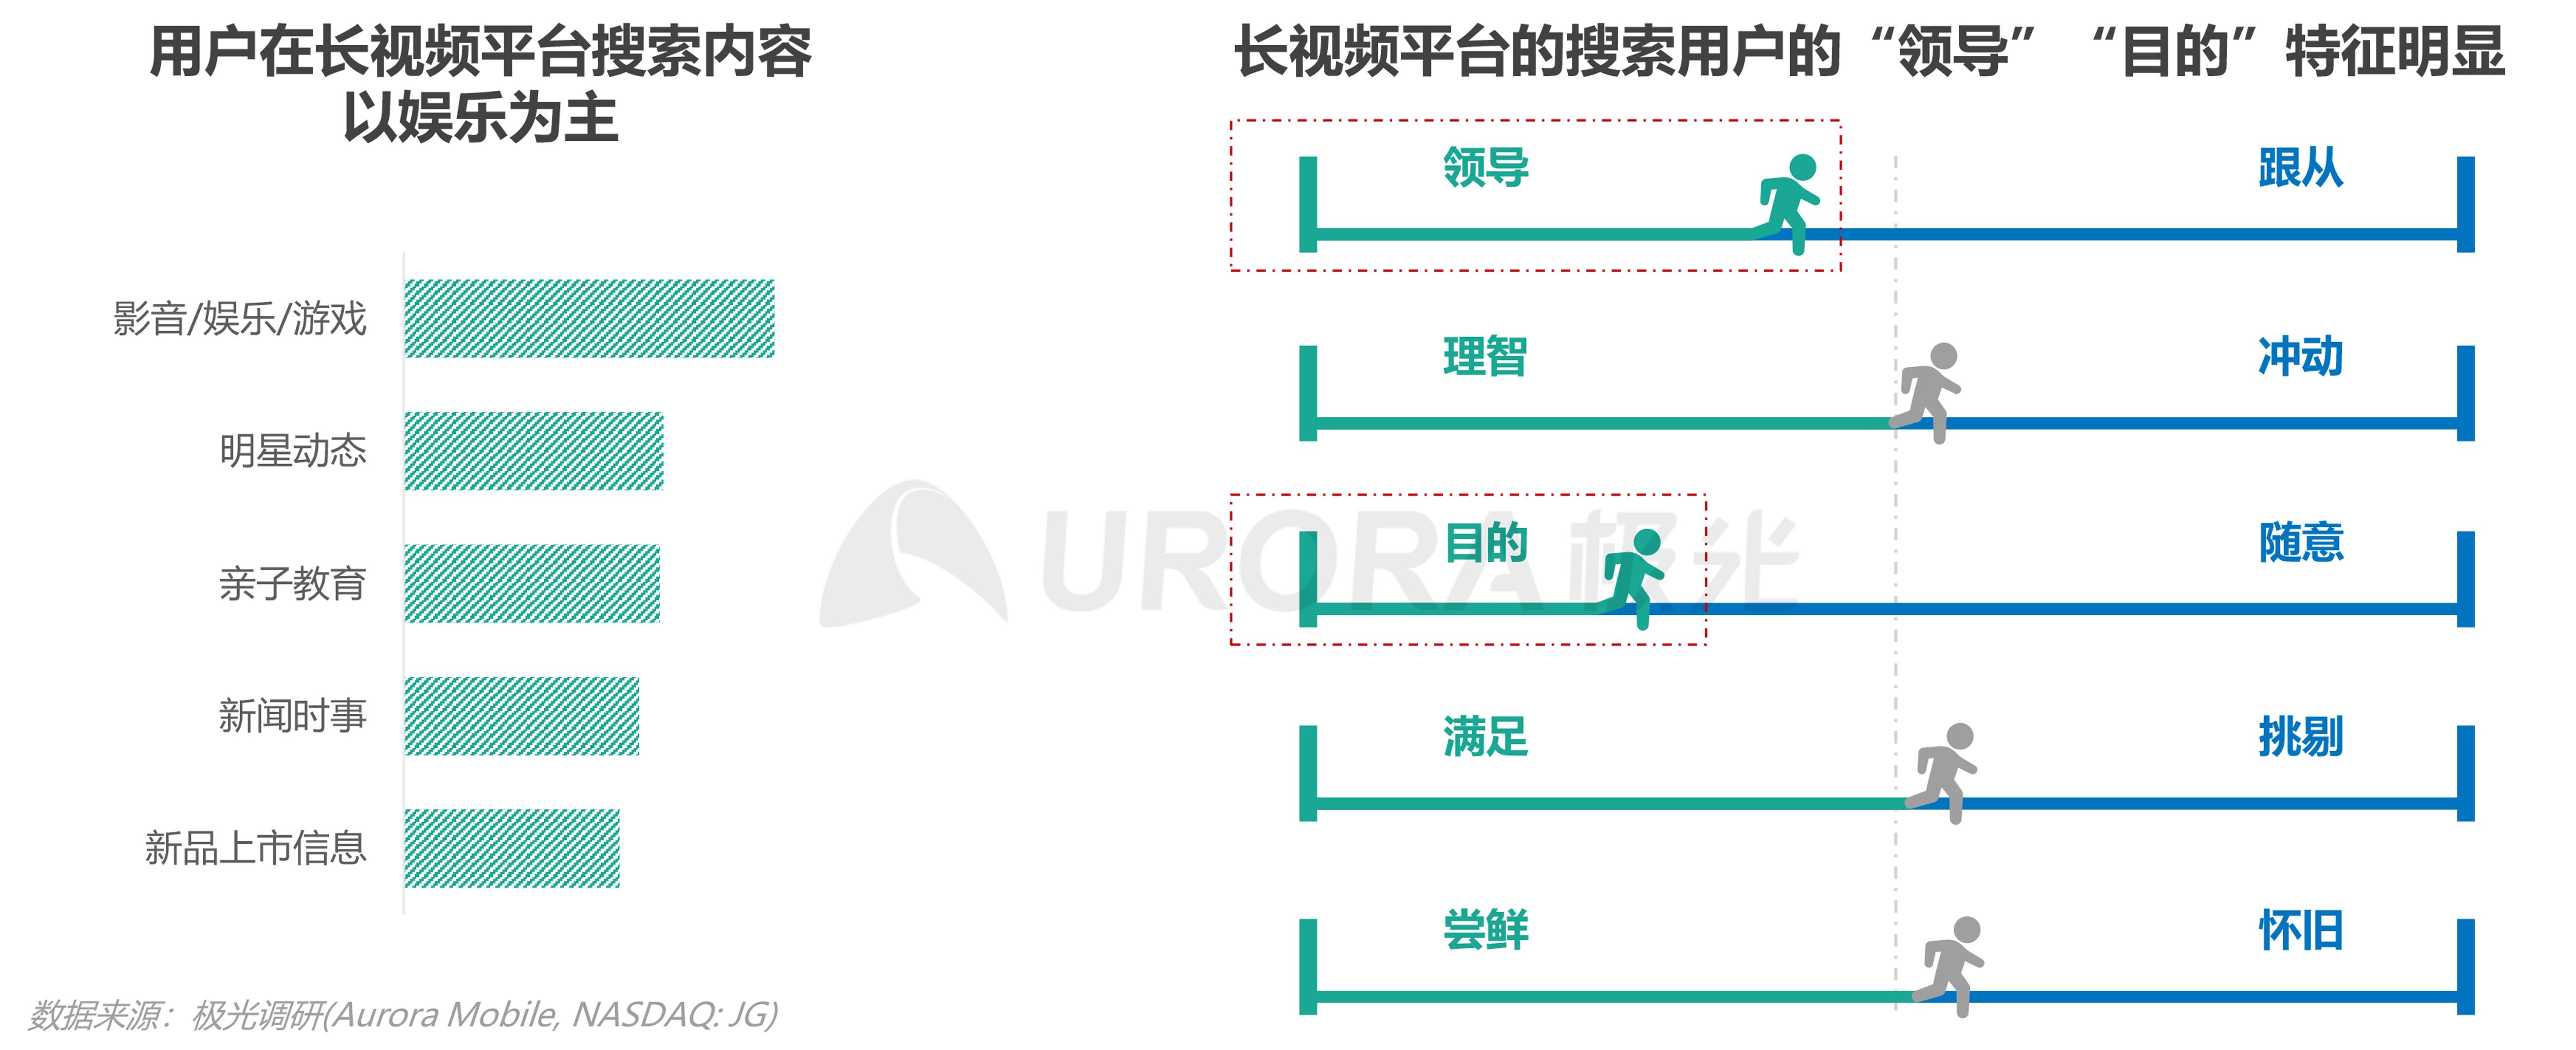 极光:内容生态搜索趋势报告png (13).png